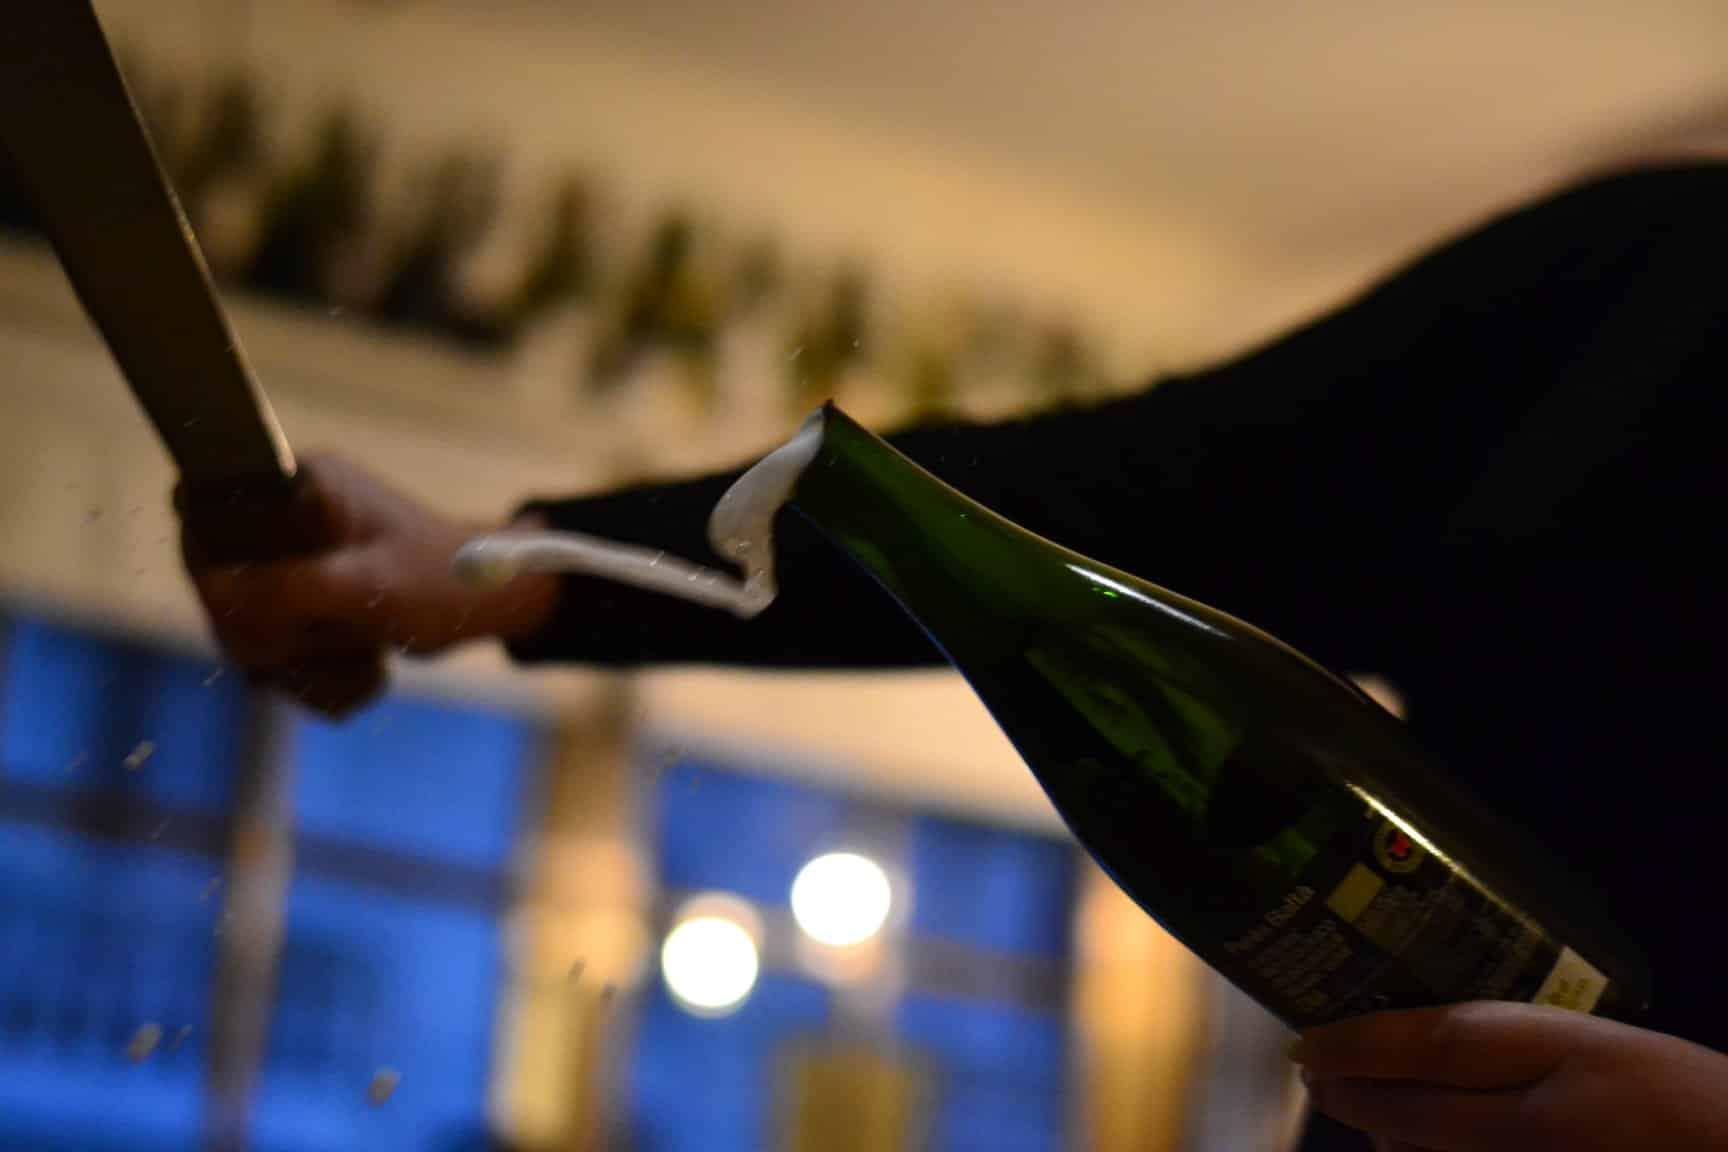 Aprende a abrir una botella de vino con un sable en Uncorked Academy - novedades, lugares